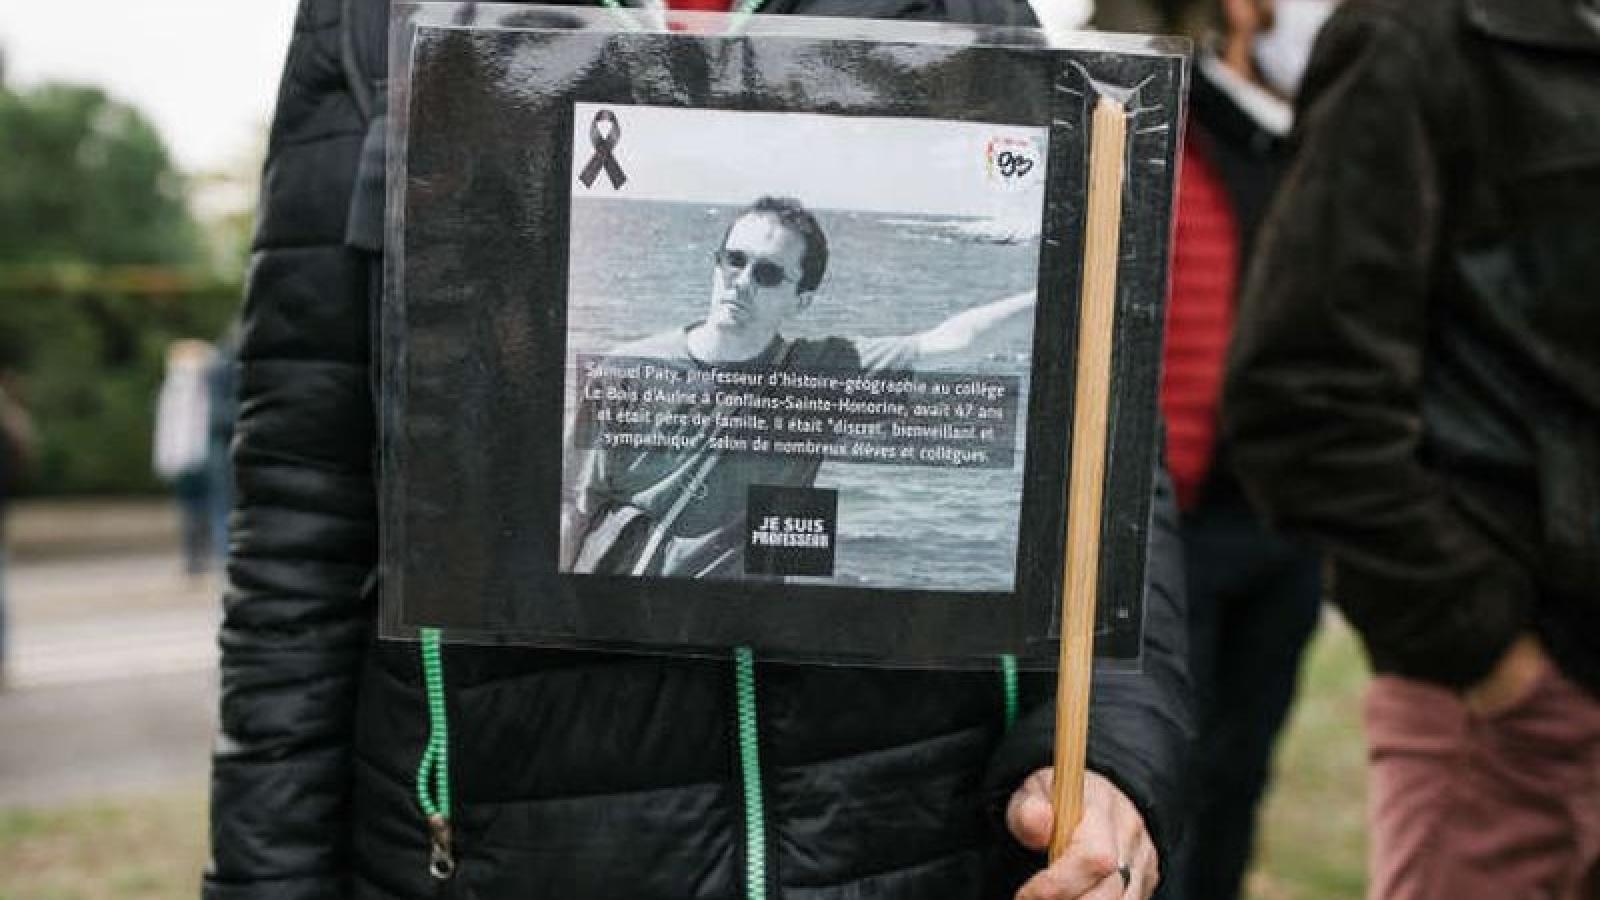 Pháp tạm giữ 15 người liên quan vụ giáo viên bị chặt đầu